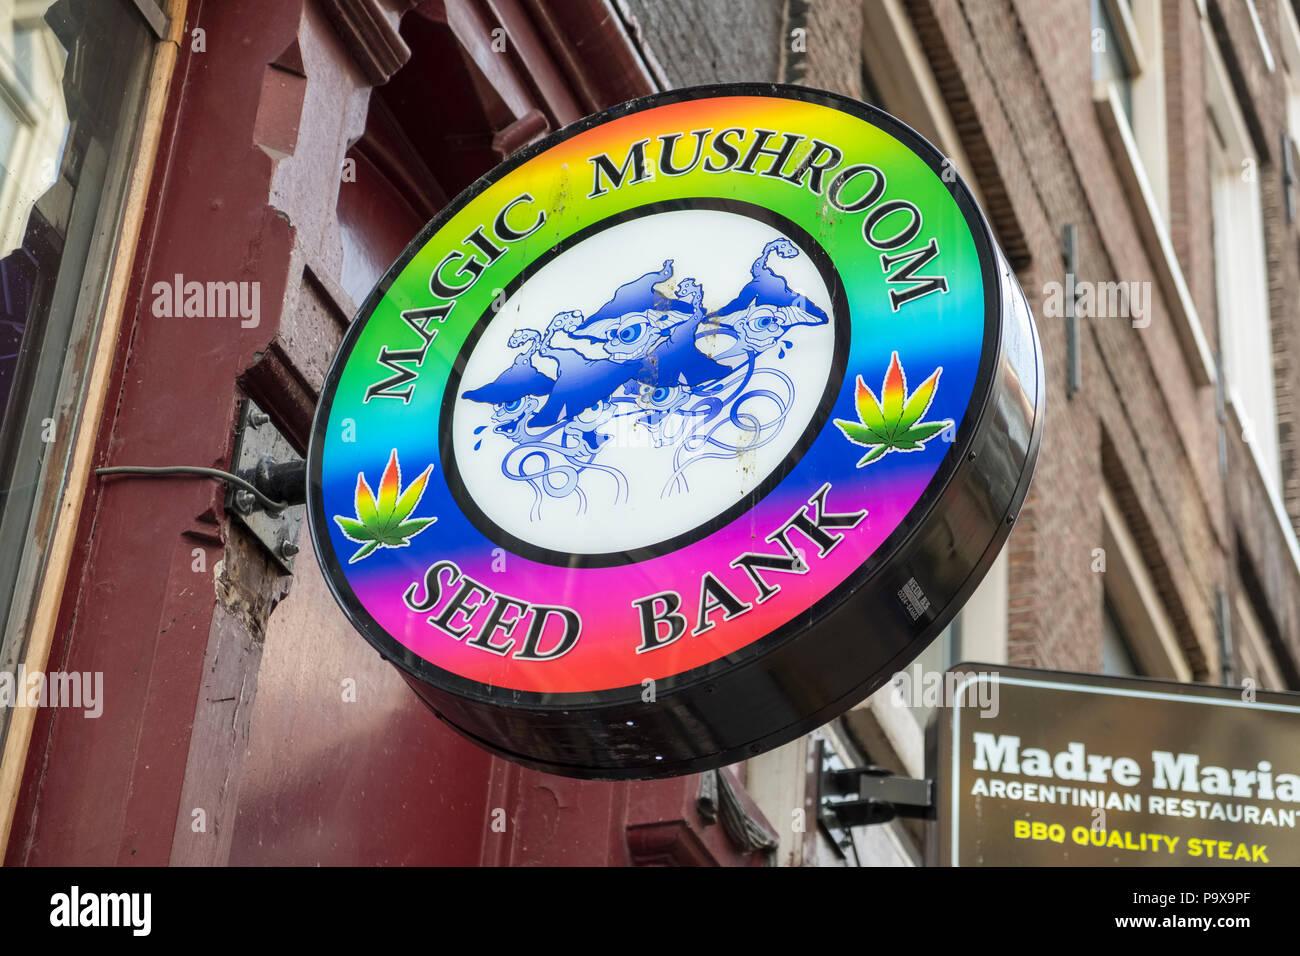 Las drogas recreativas almacenar signo, Magic Mushroom Banco de semillas, Amsterdam, Países Bajos, Holanda, Europa Imagen De Stock